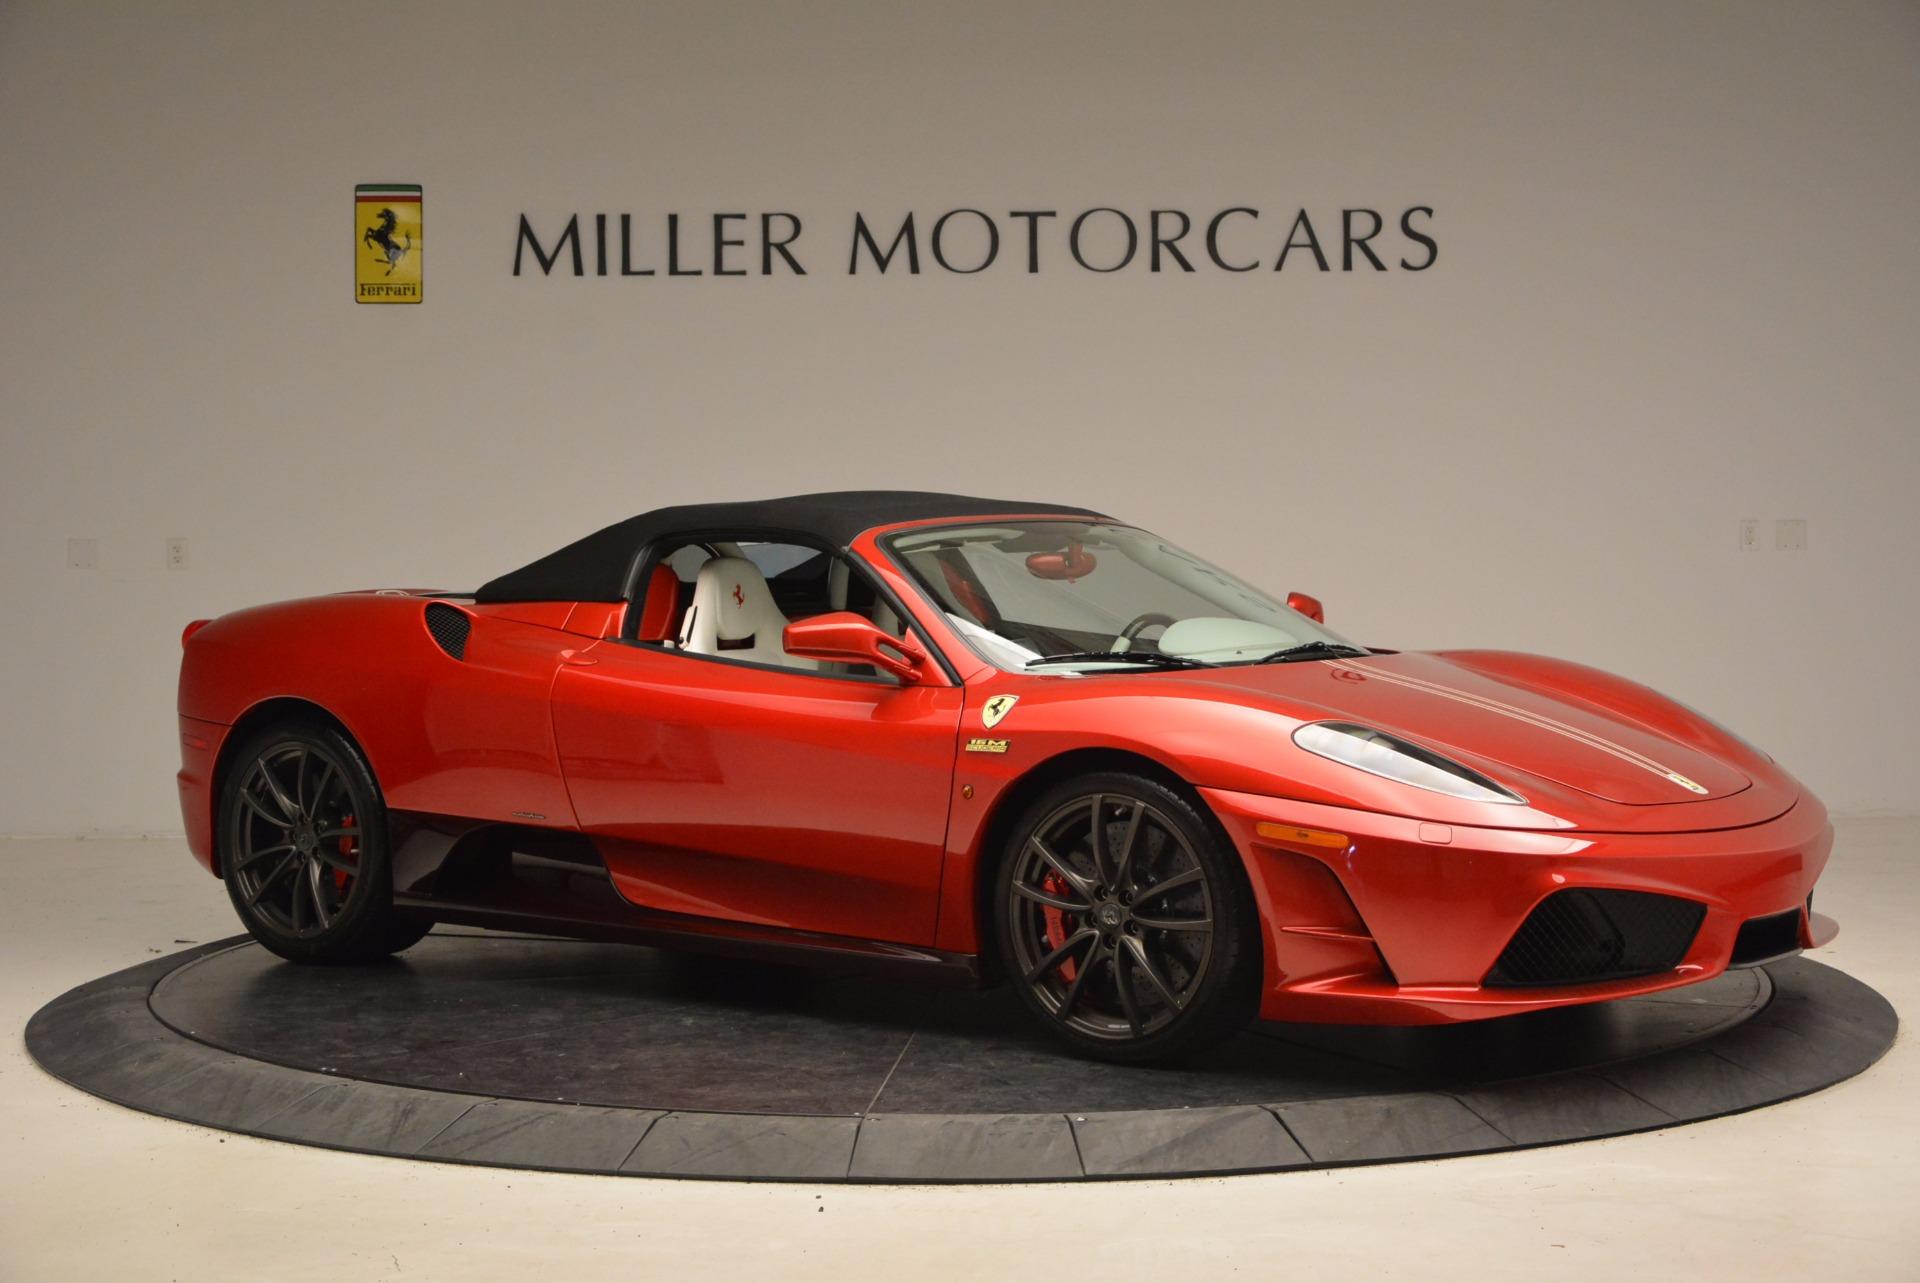 Used 2009 Ferrari F430 Scuderia 16M For Sale In Greenwich, CT. Alfa Romeo of Greenwich, 4404 1398_p22